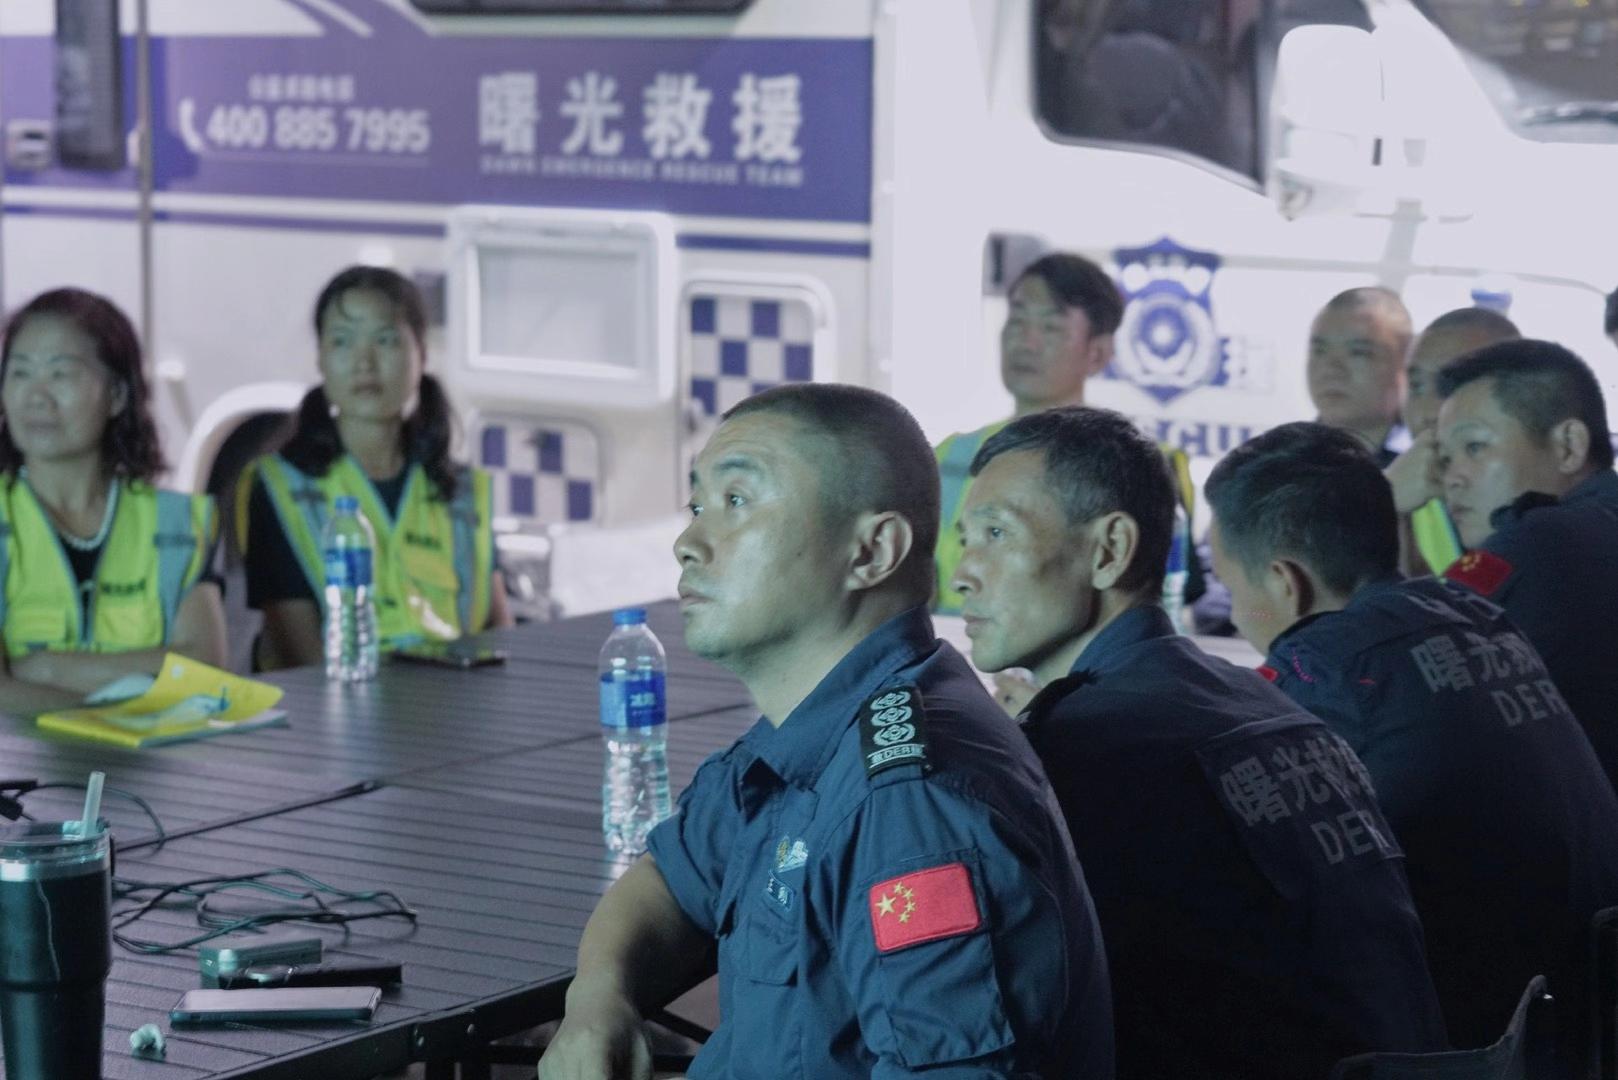 厦门市曙光救援队在海九联合执勤点2020年志愿者表彰现场。